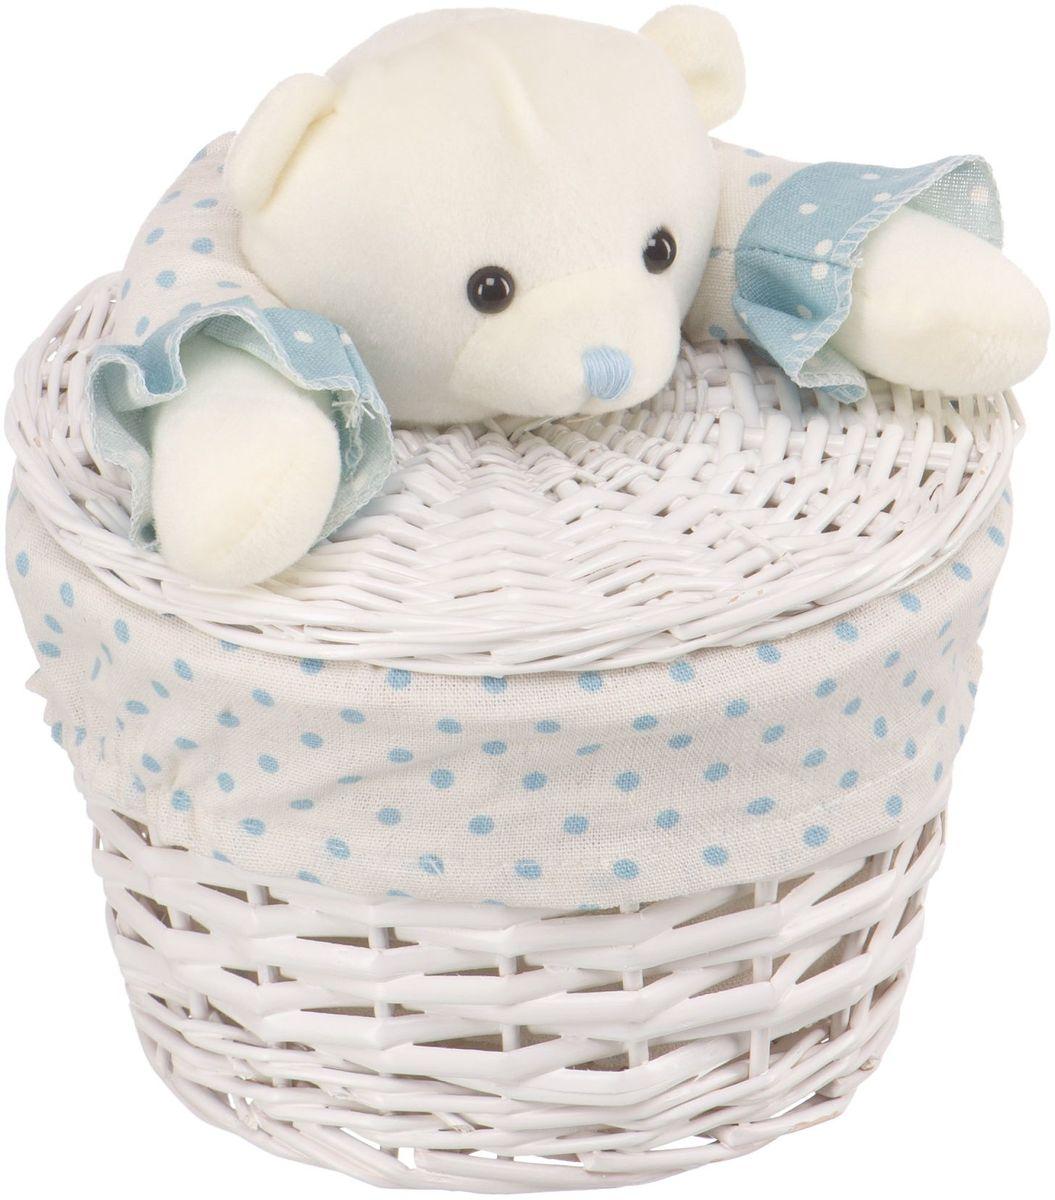 Корзина для белья Natural House Медвежонок синий, цвет: молочный, 21 х 21 x 16 смEW-33 XSБельевая корзина с игрушкой Медвежонок, выполненная из натуральных компонентов, отлично подойдет для детской. Корзина с мягкой игрушкой способна оживить обстановку и создать атмосферу добра и благополучия в любом помещении. В корзине легко и удобно хранить игрушки, белье и другие предметы.